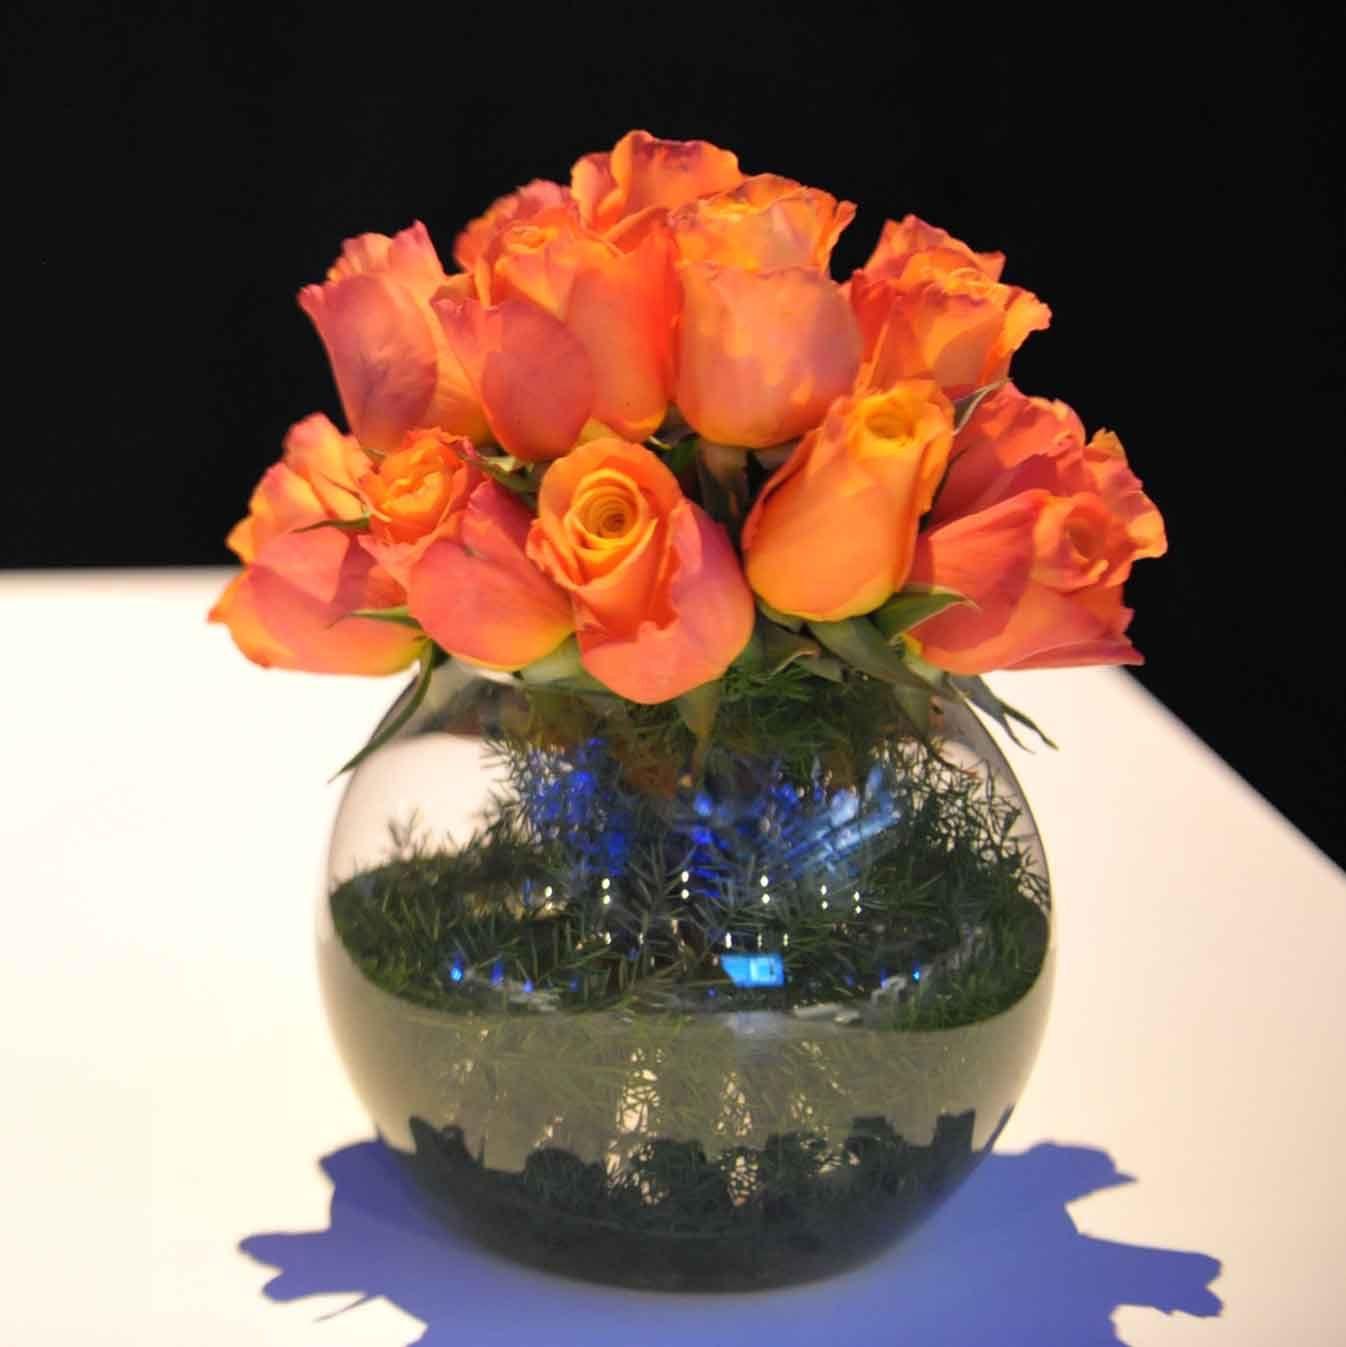 4ft glass vase of orange glass vase image 8 od orange rose foliage lined gold fish with regard to orange glass vase image 8 od orange rose foliage lined gold fish bowl of orange glass